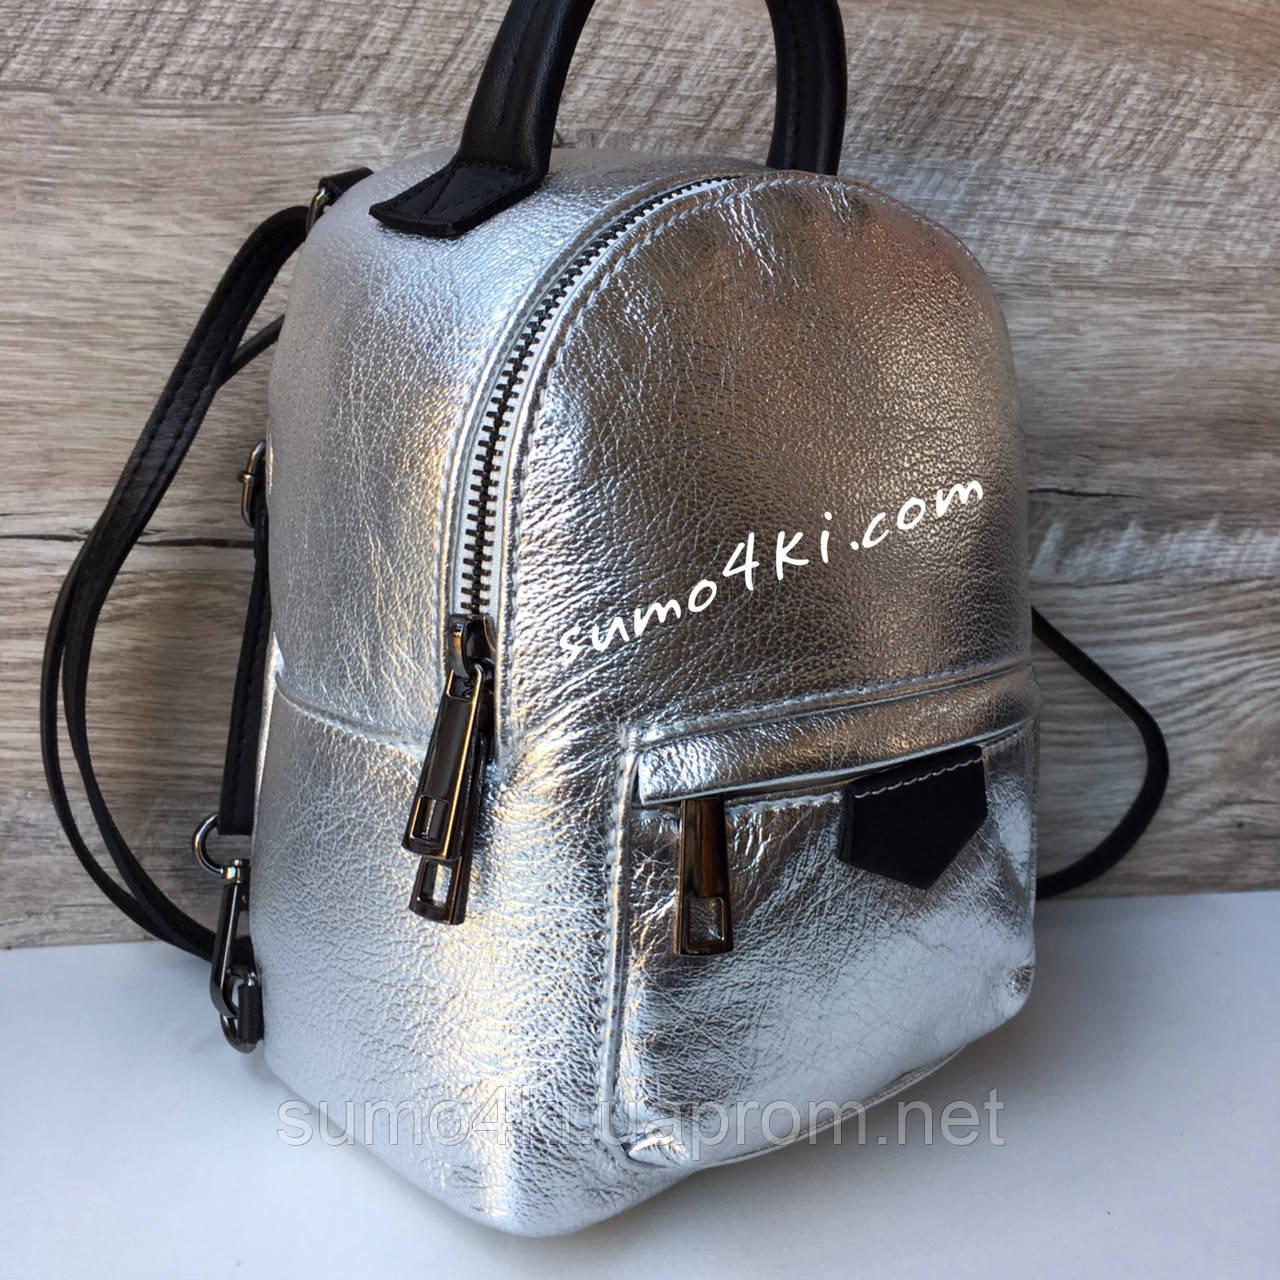 Купить Кожаный женский рюкзак сумку мини Италию оптом и в розницу в ... 7785d8a3e9f